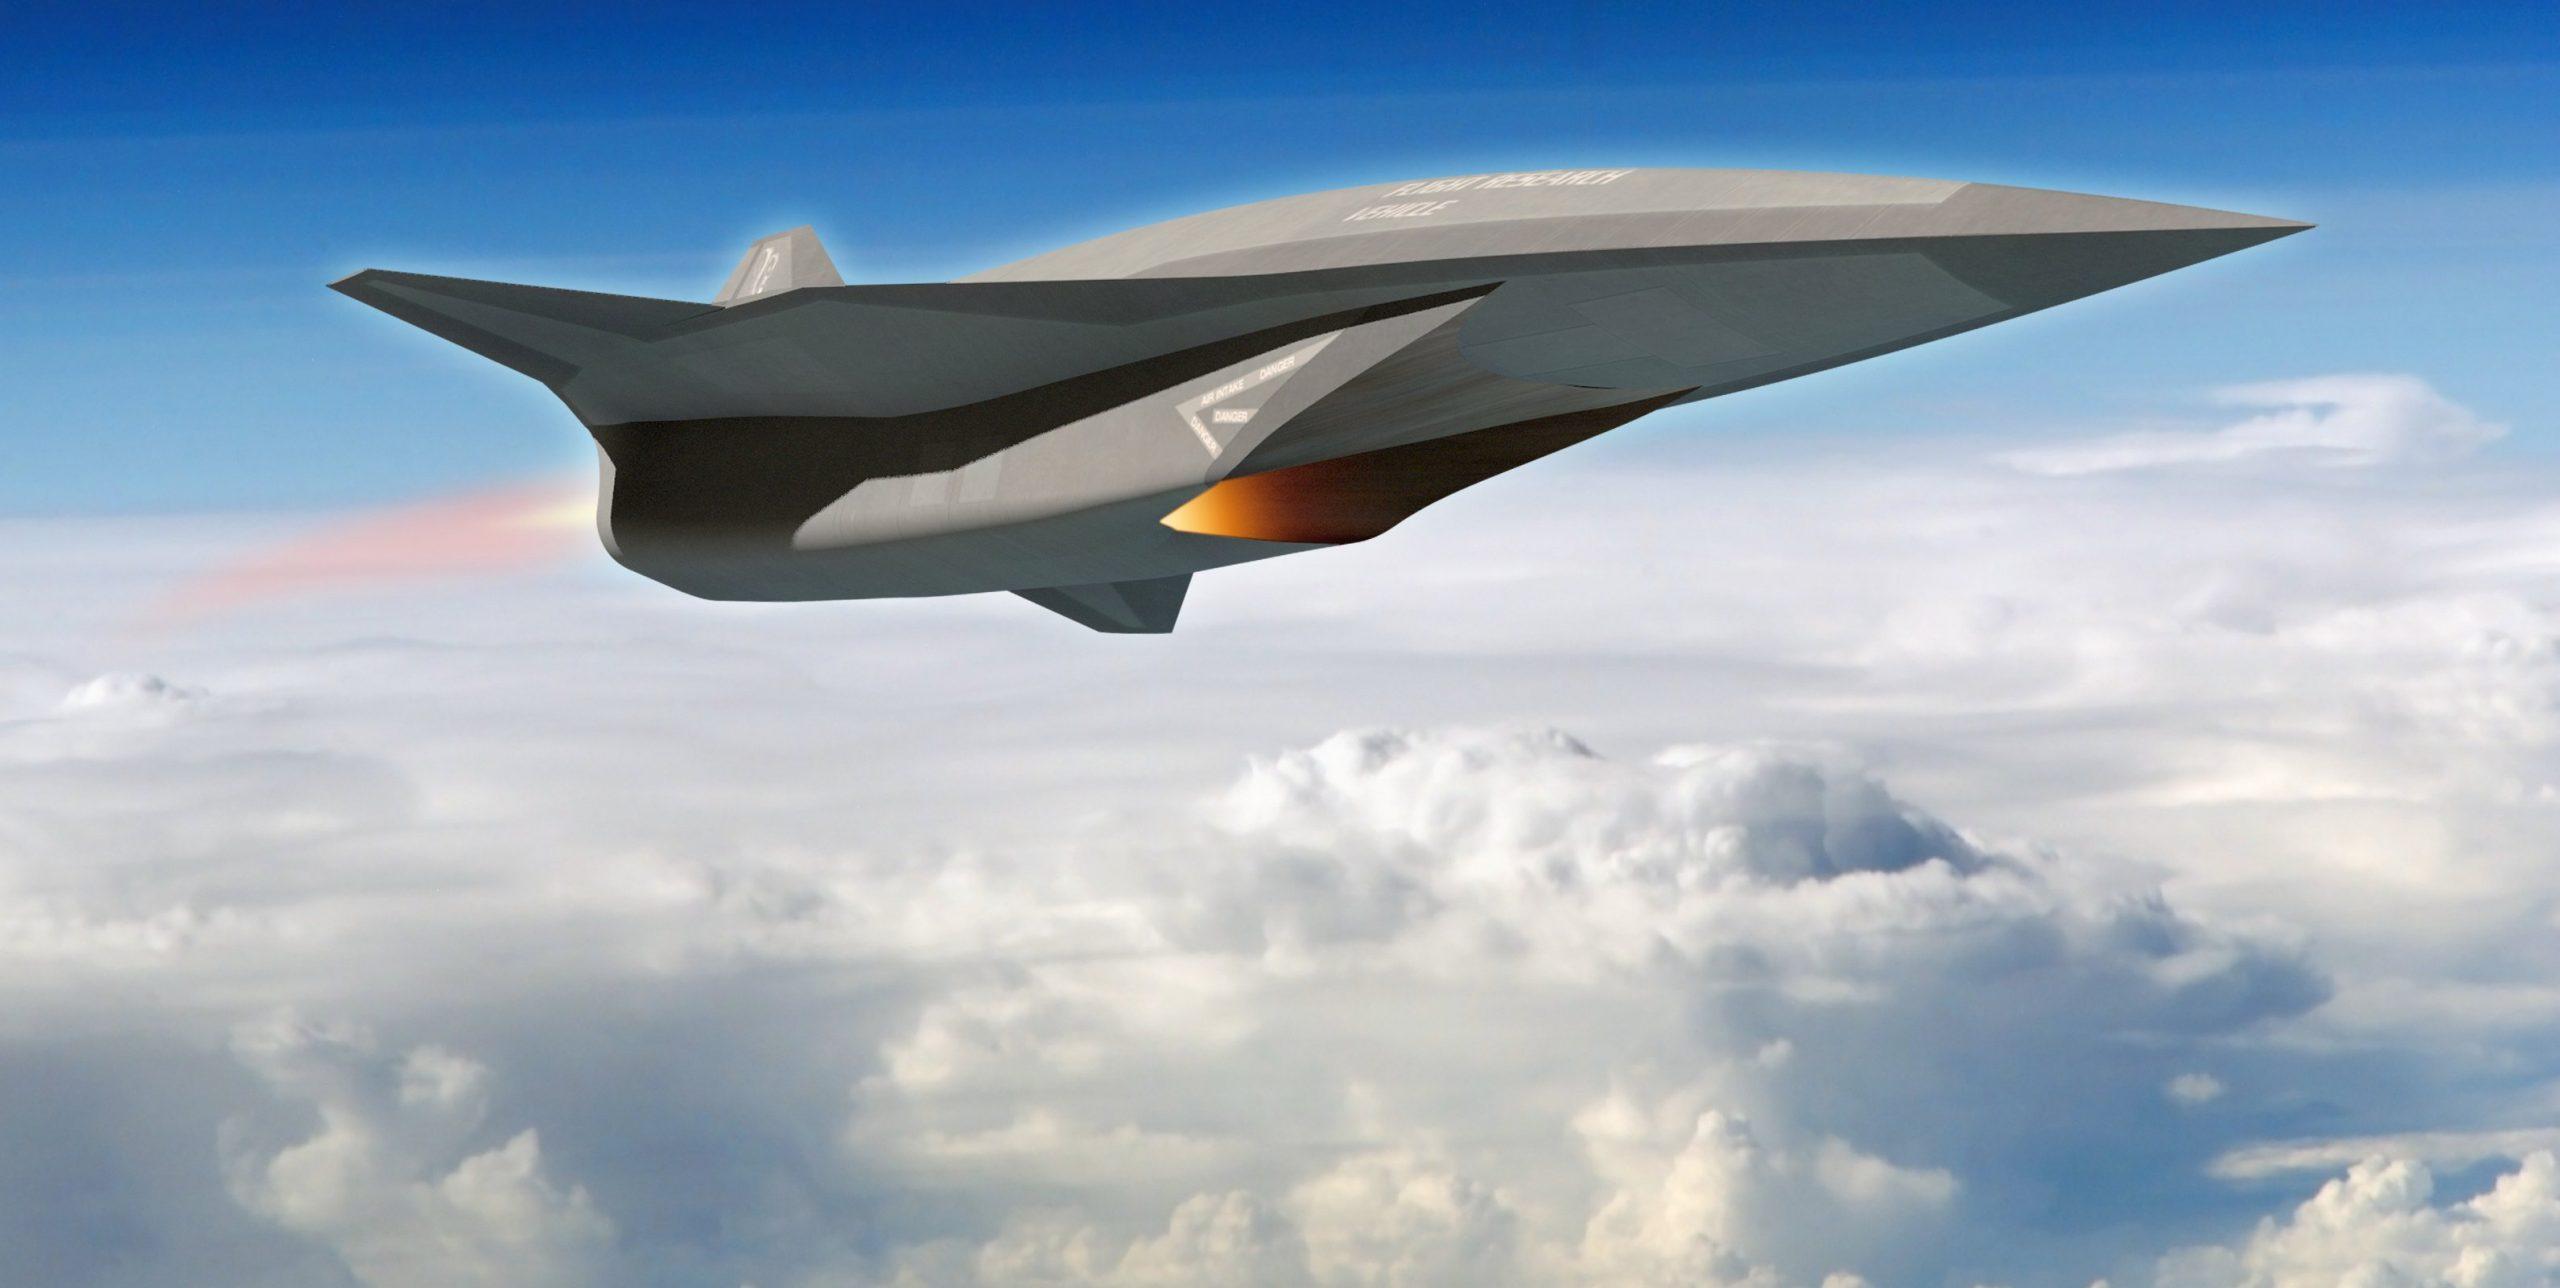 Россия планирует закупить высокоточное гиперзвуковое оружие